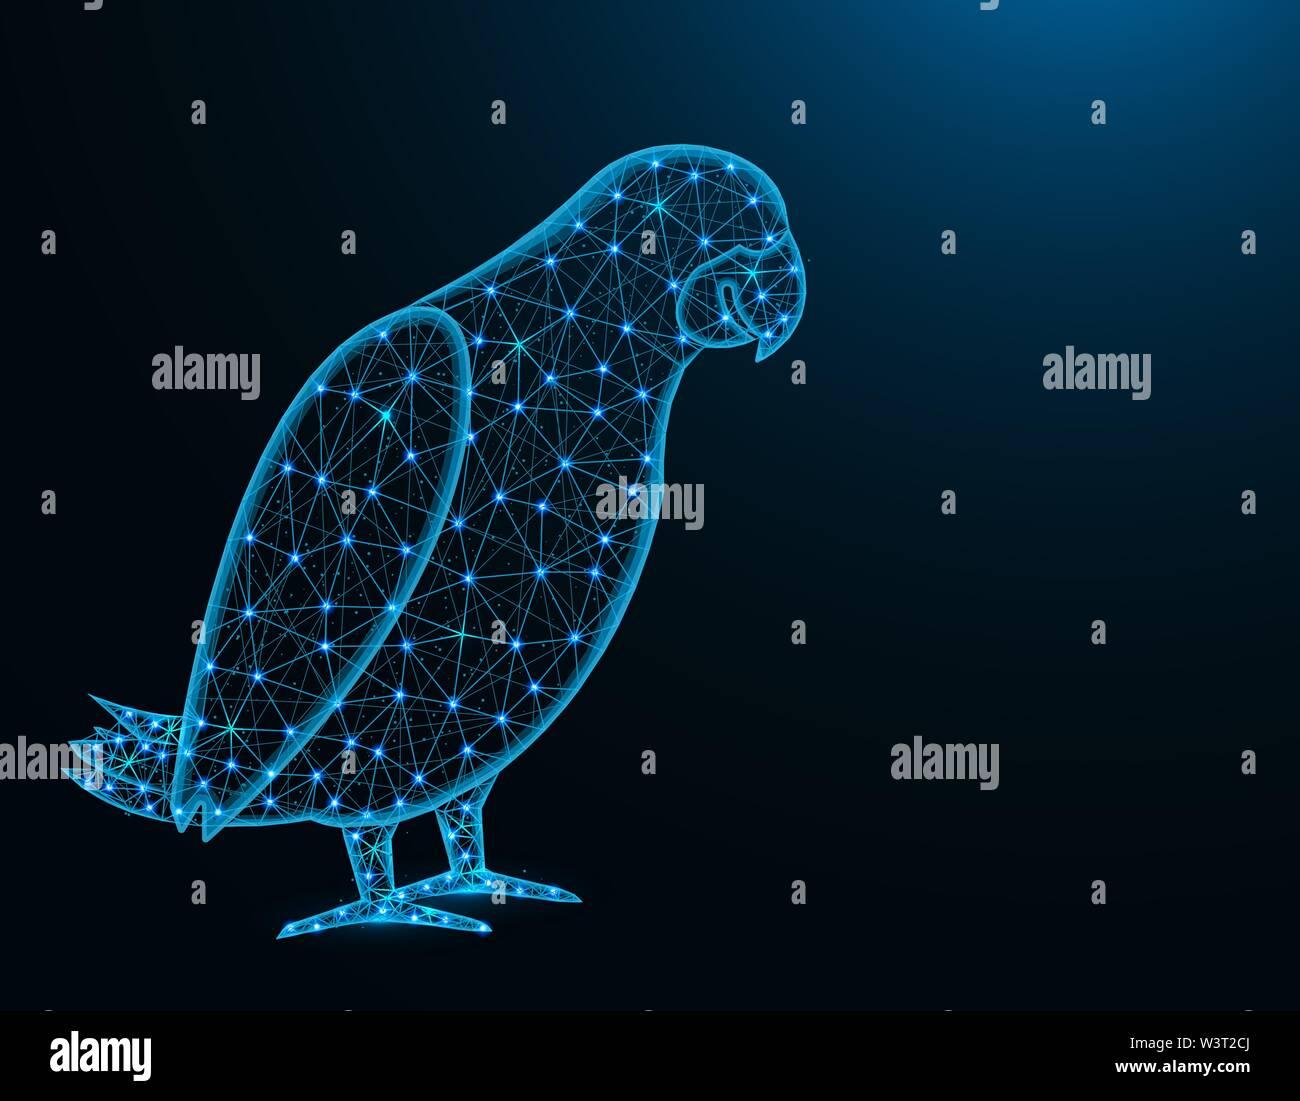 Perroquet Jaco low poly, modèle animal d'Afrique résumé graphiques, d'illustration vectorielle wireframe polygonal d'oiseaux sur fond bleu foncé Photo Stock